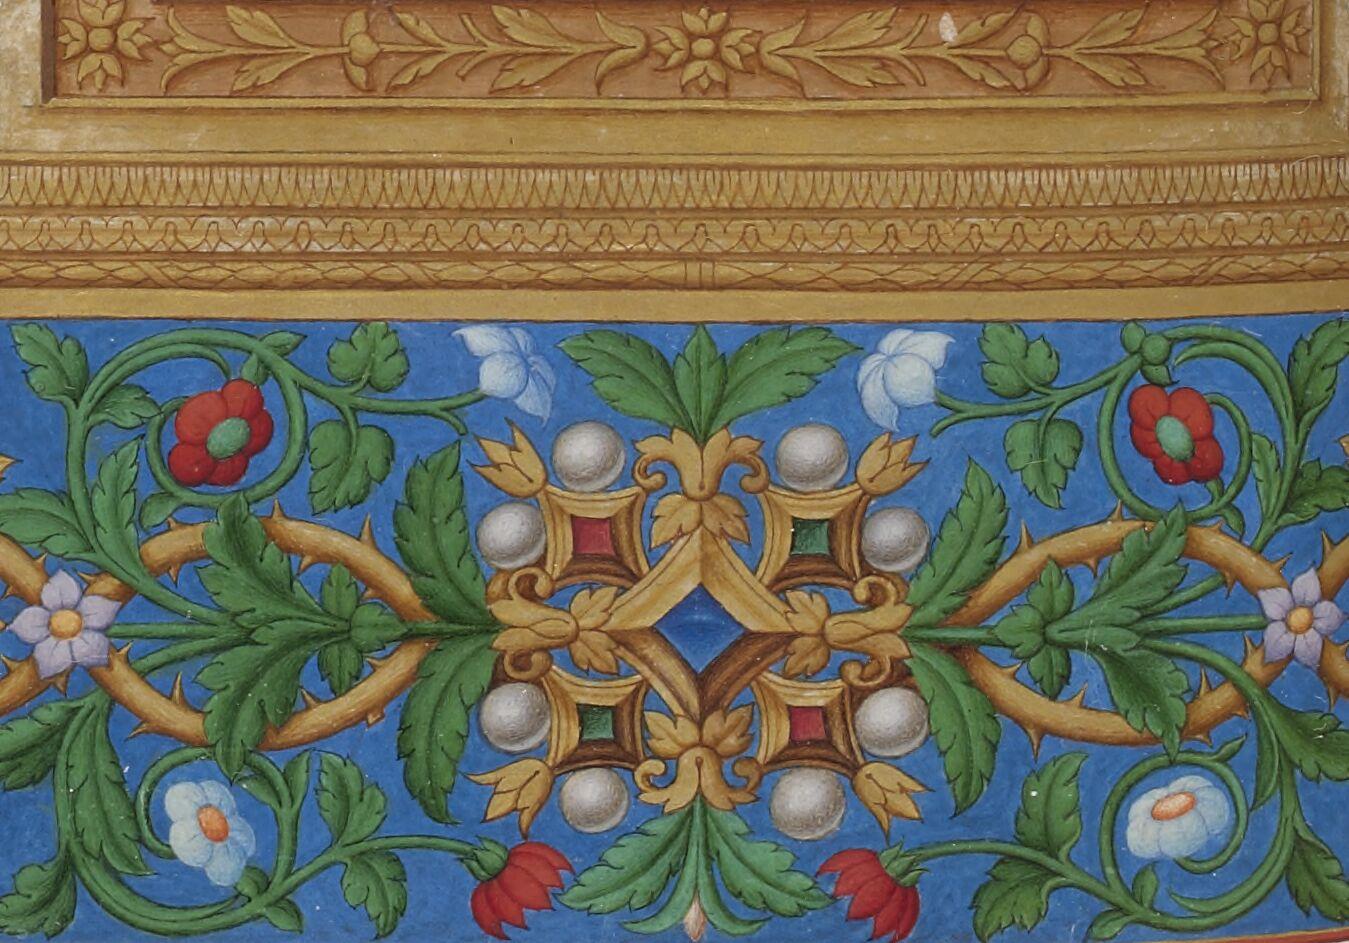 Pearls in a trompe-l'oeil frame